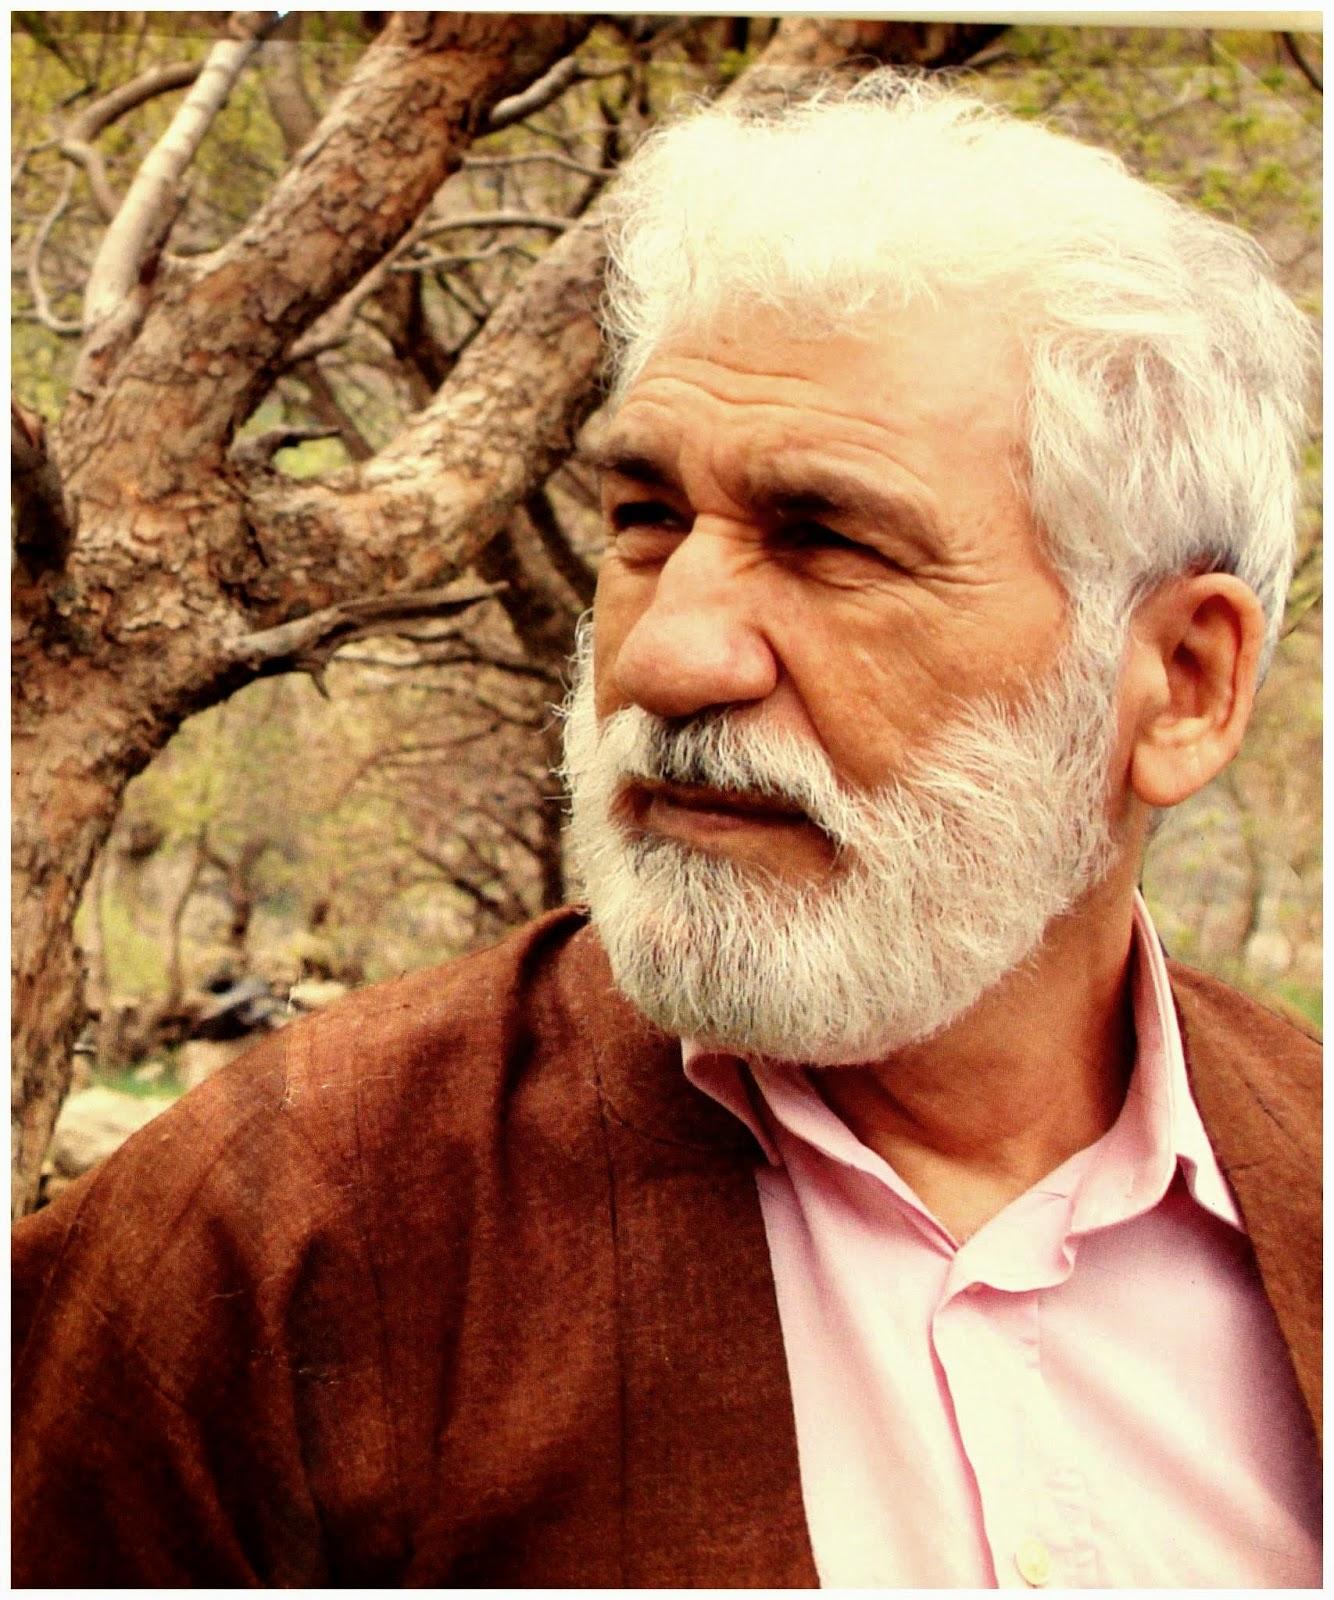 Abdulla Peşêw li ser Efrînê helbestek nivisî: EFRÎN-GRAD